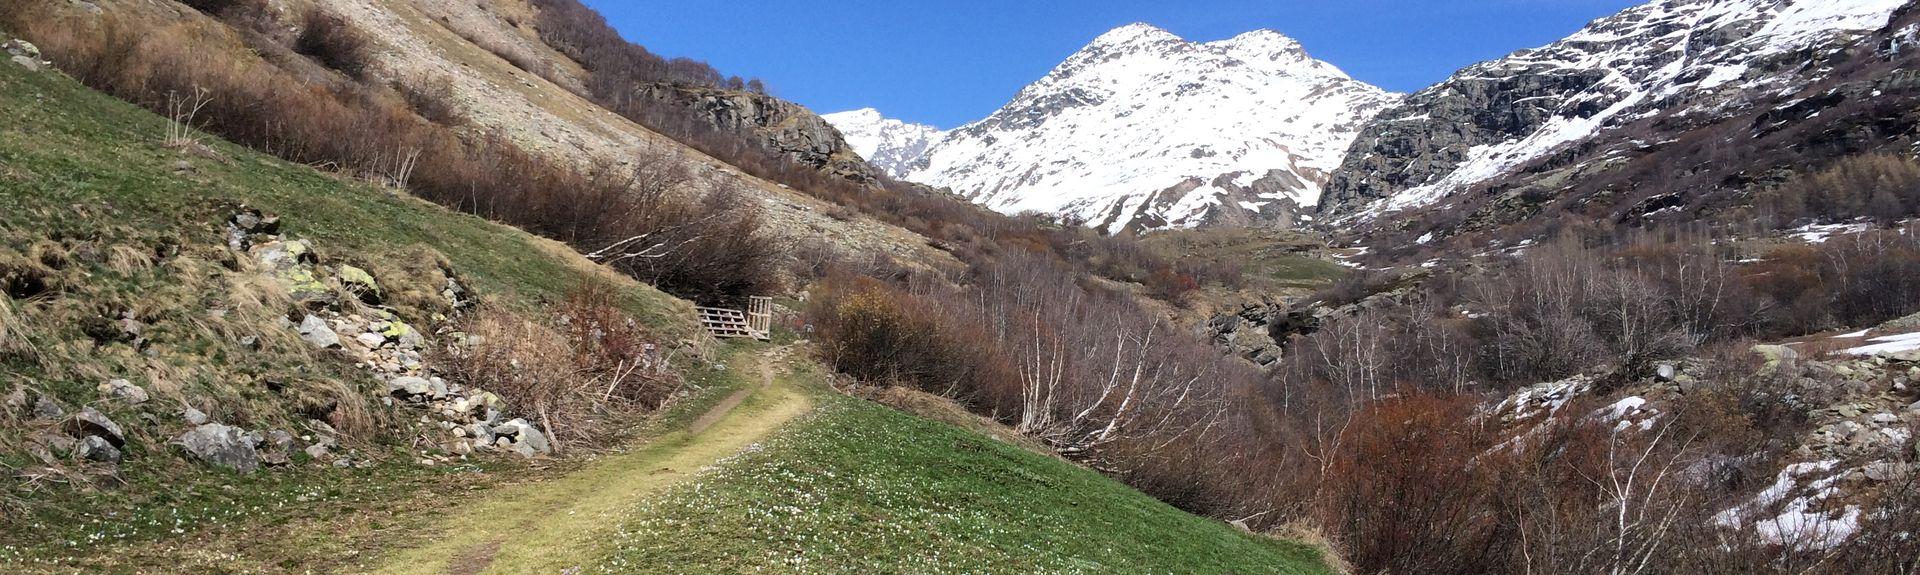 Le Laisinant, Val-d'Isère, Auvergne-Rhône-Alpes, Frankreich